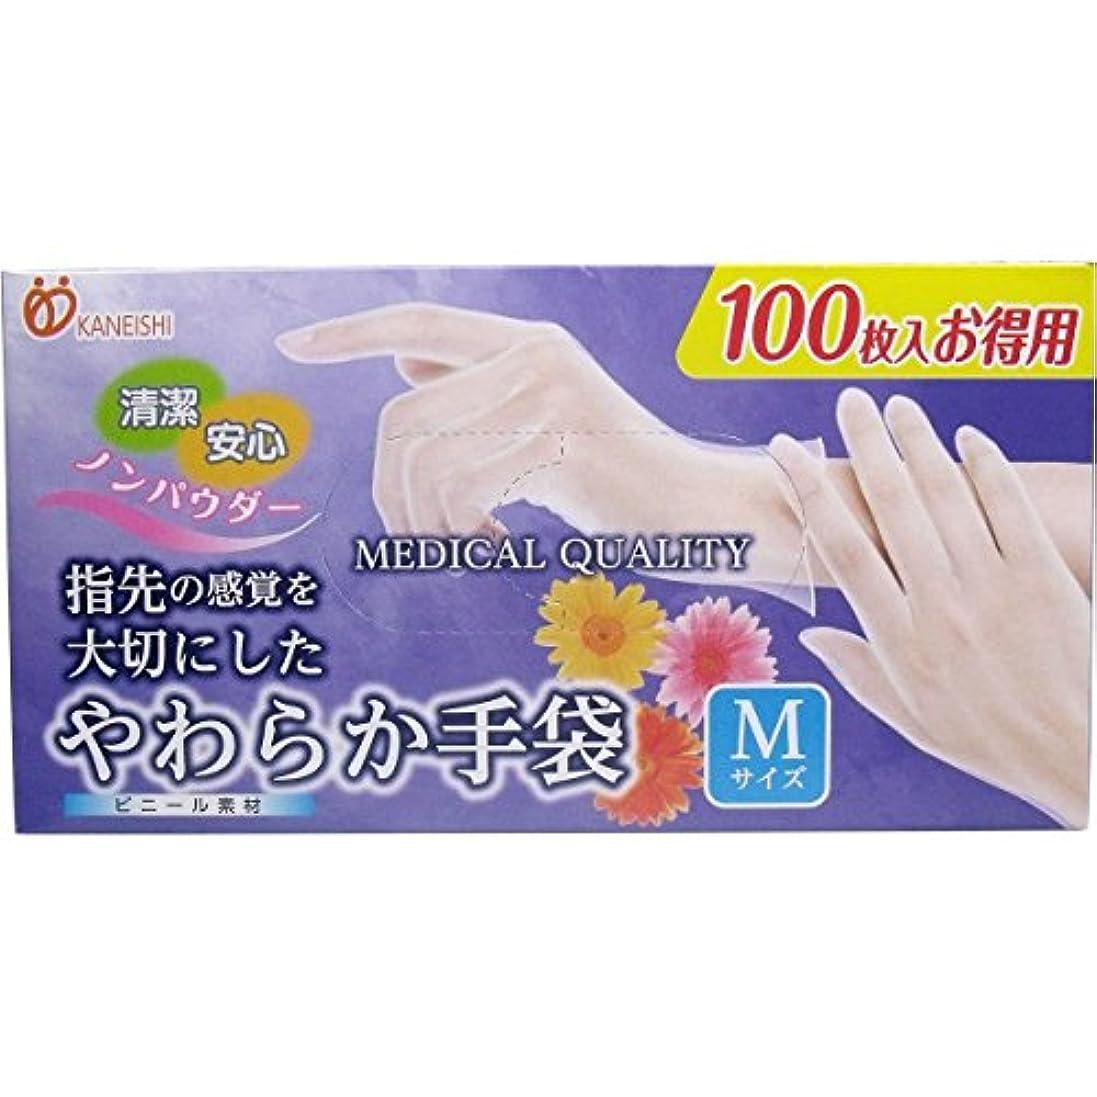 立派な違反コピーやわらか手袋 ビニール素材 Mサイズ 100枚入x7